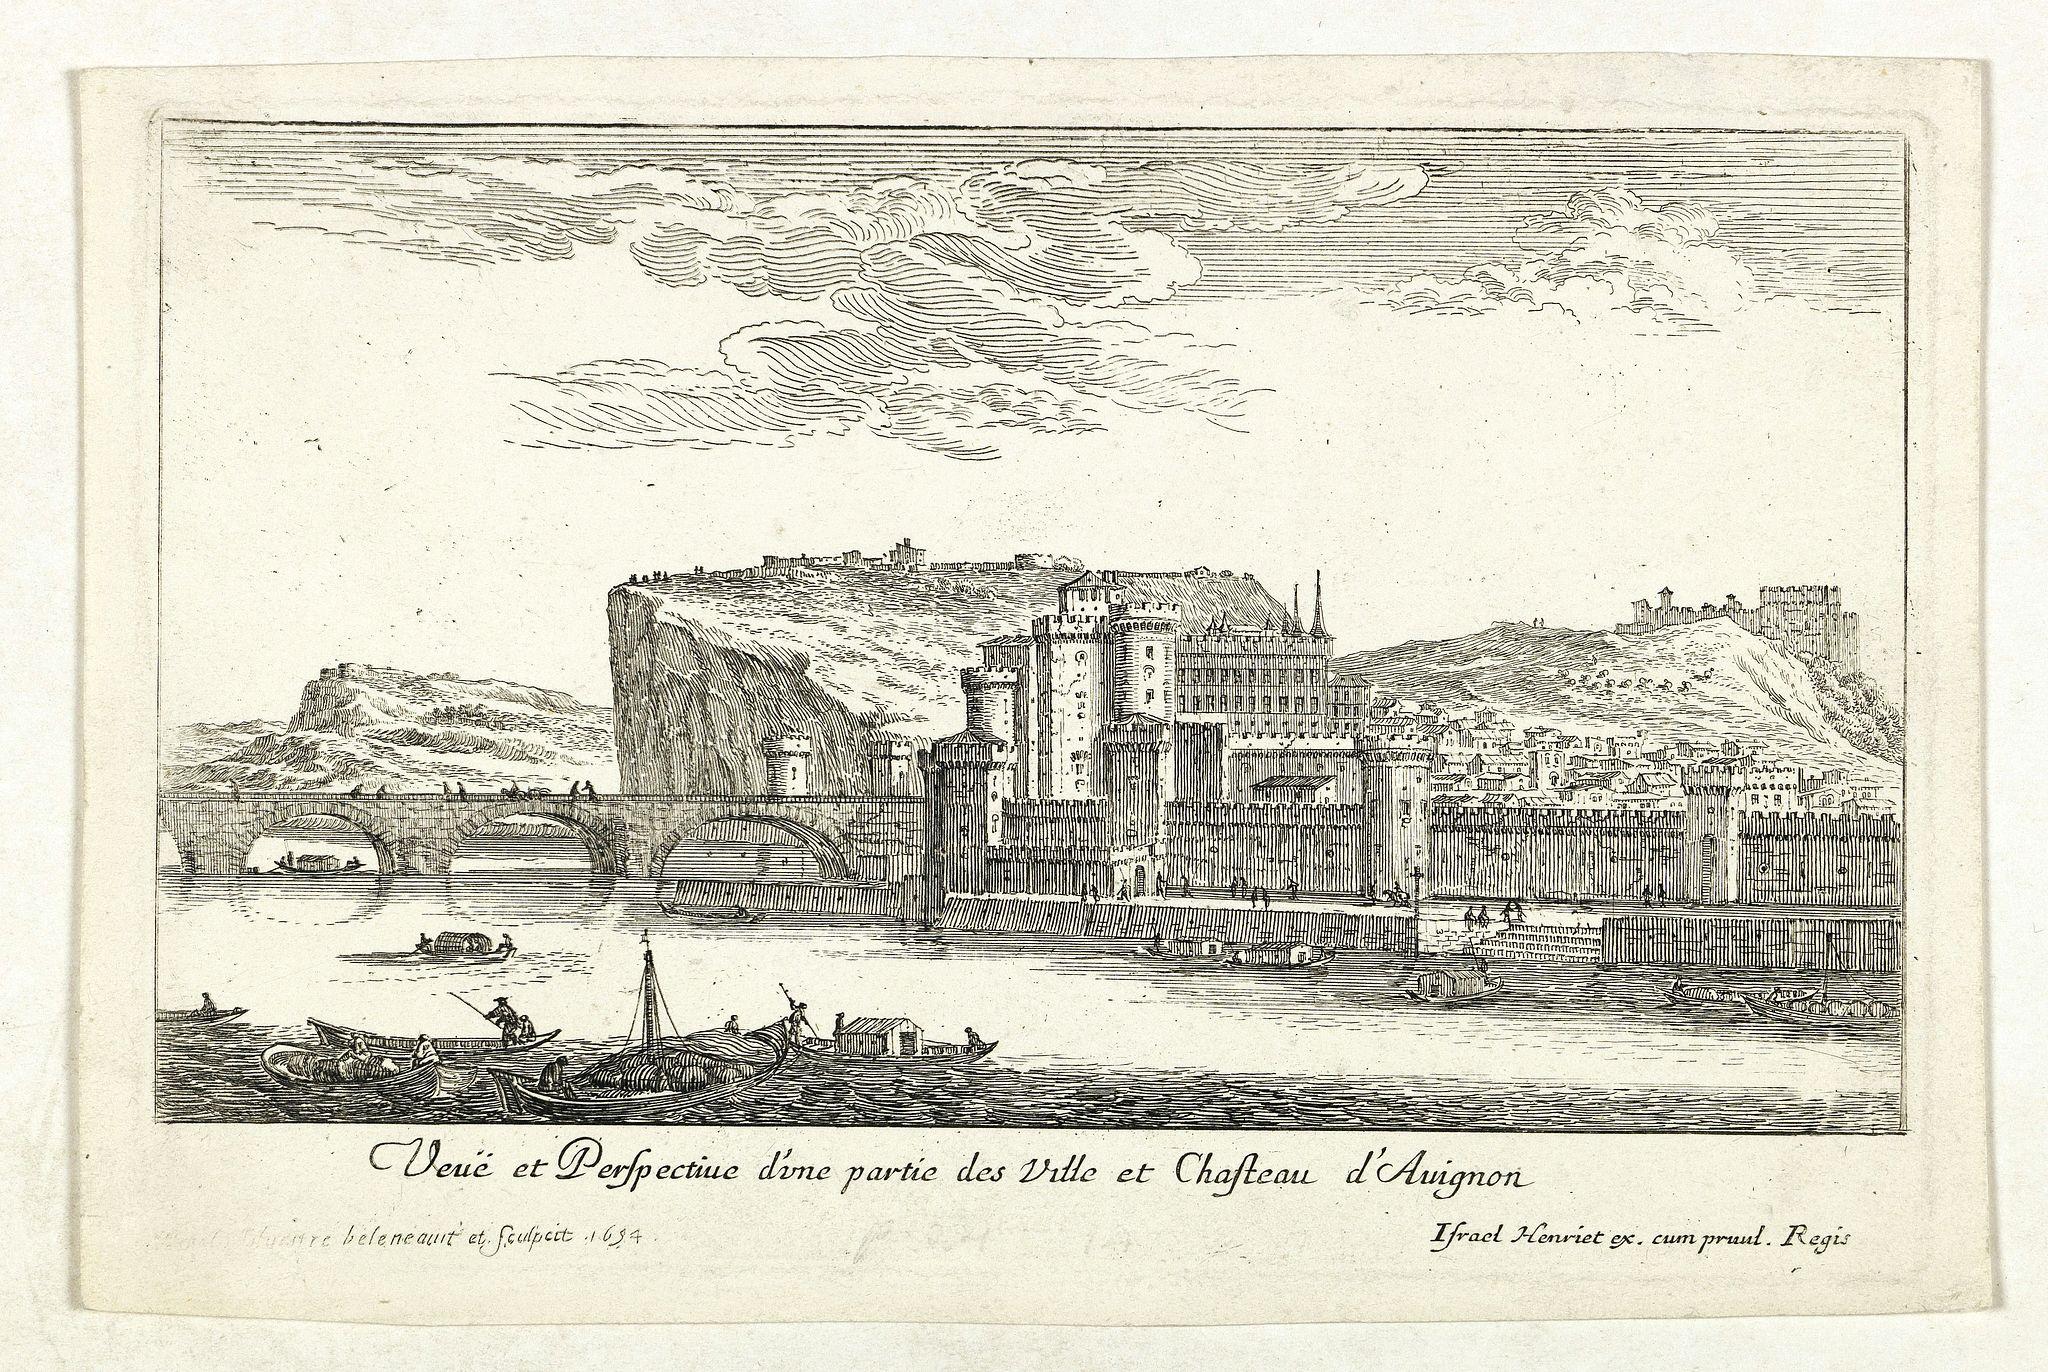 ISRAEL, S. -  Veuë et Perspective d'une partie des Ville et Chasteau d'Avignon.